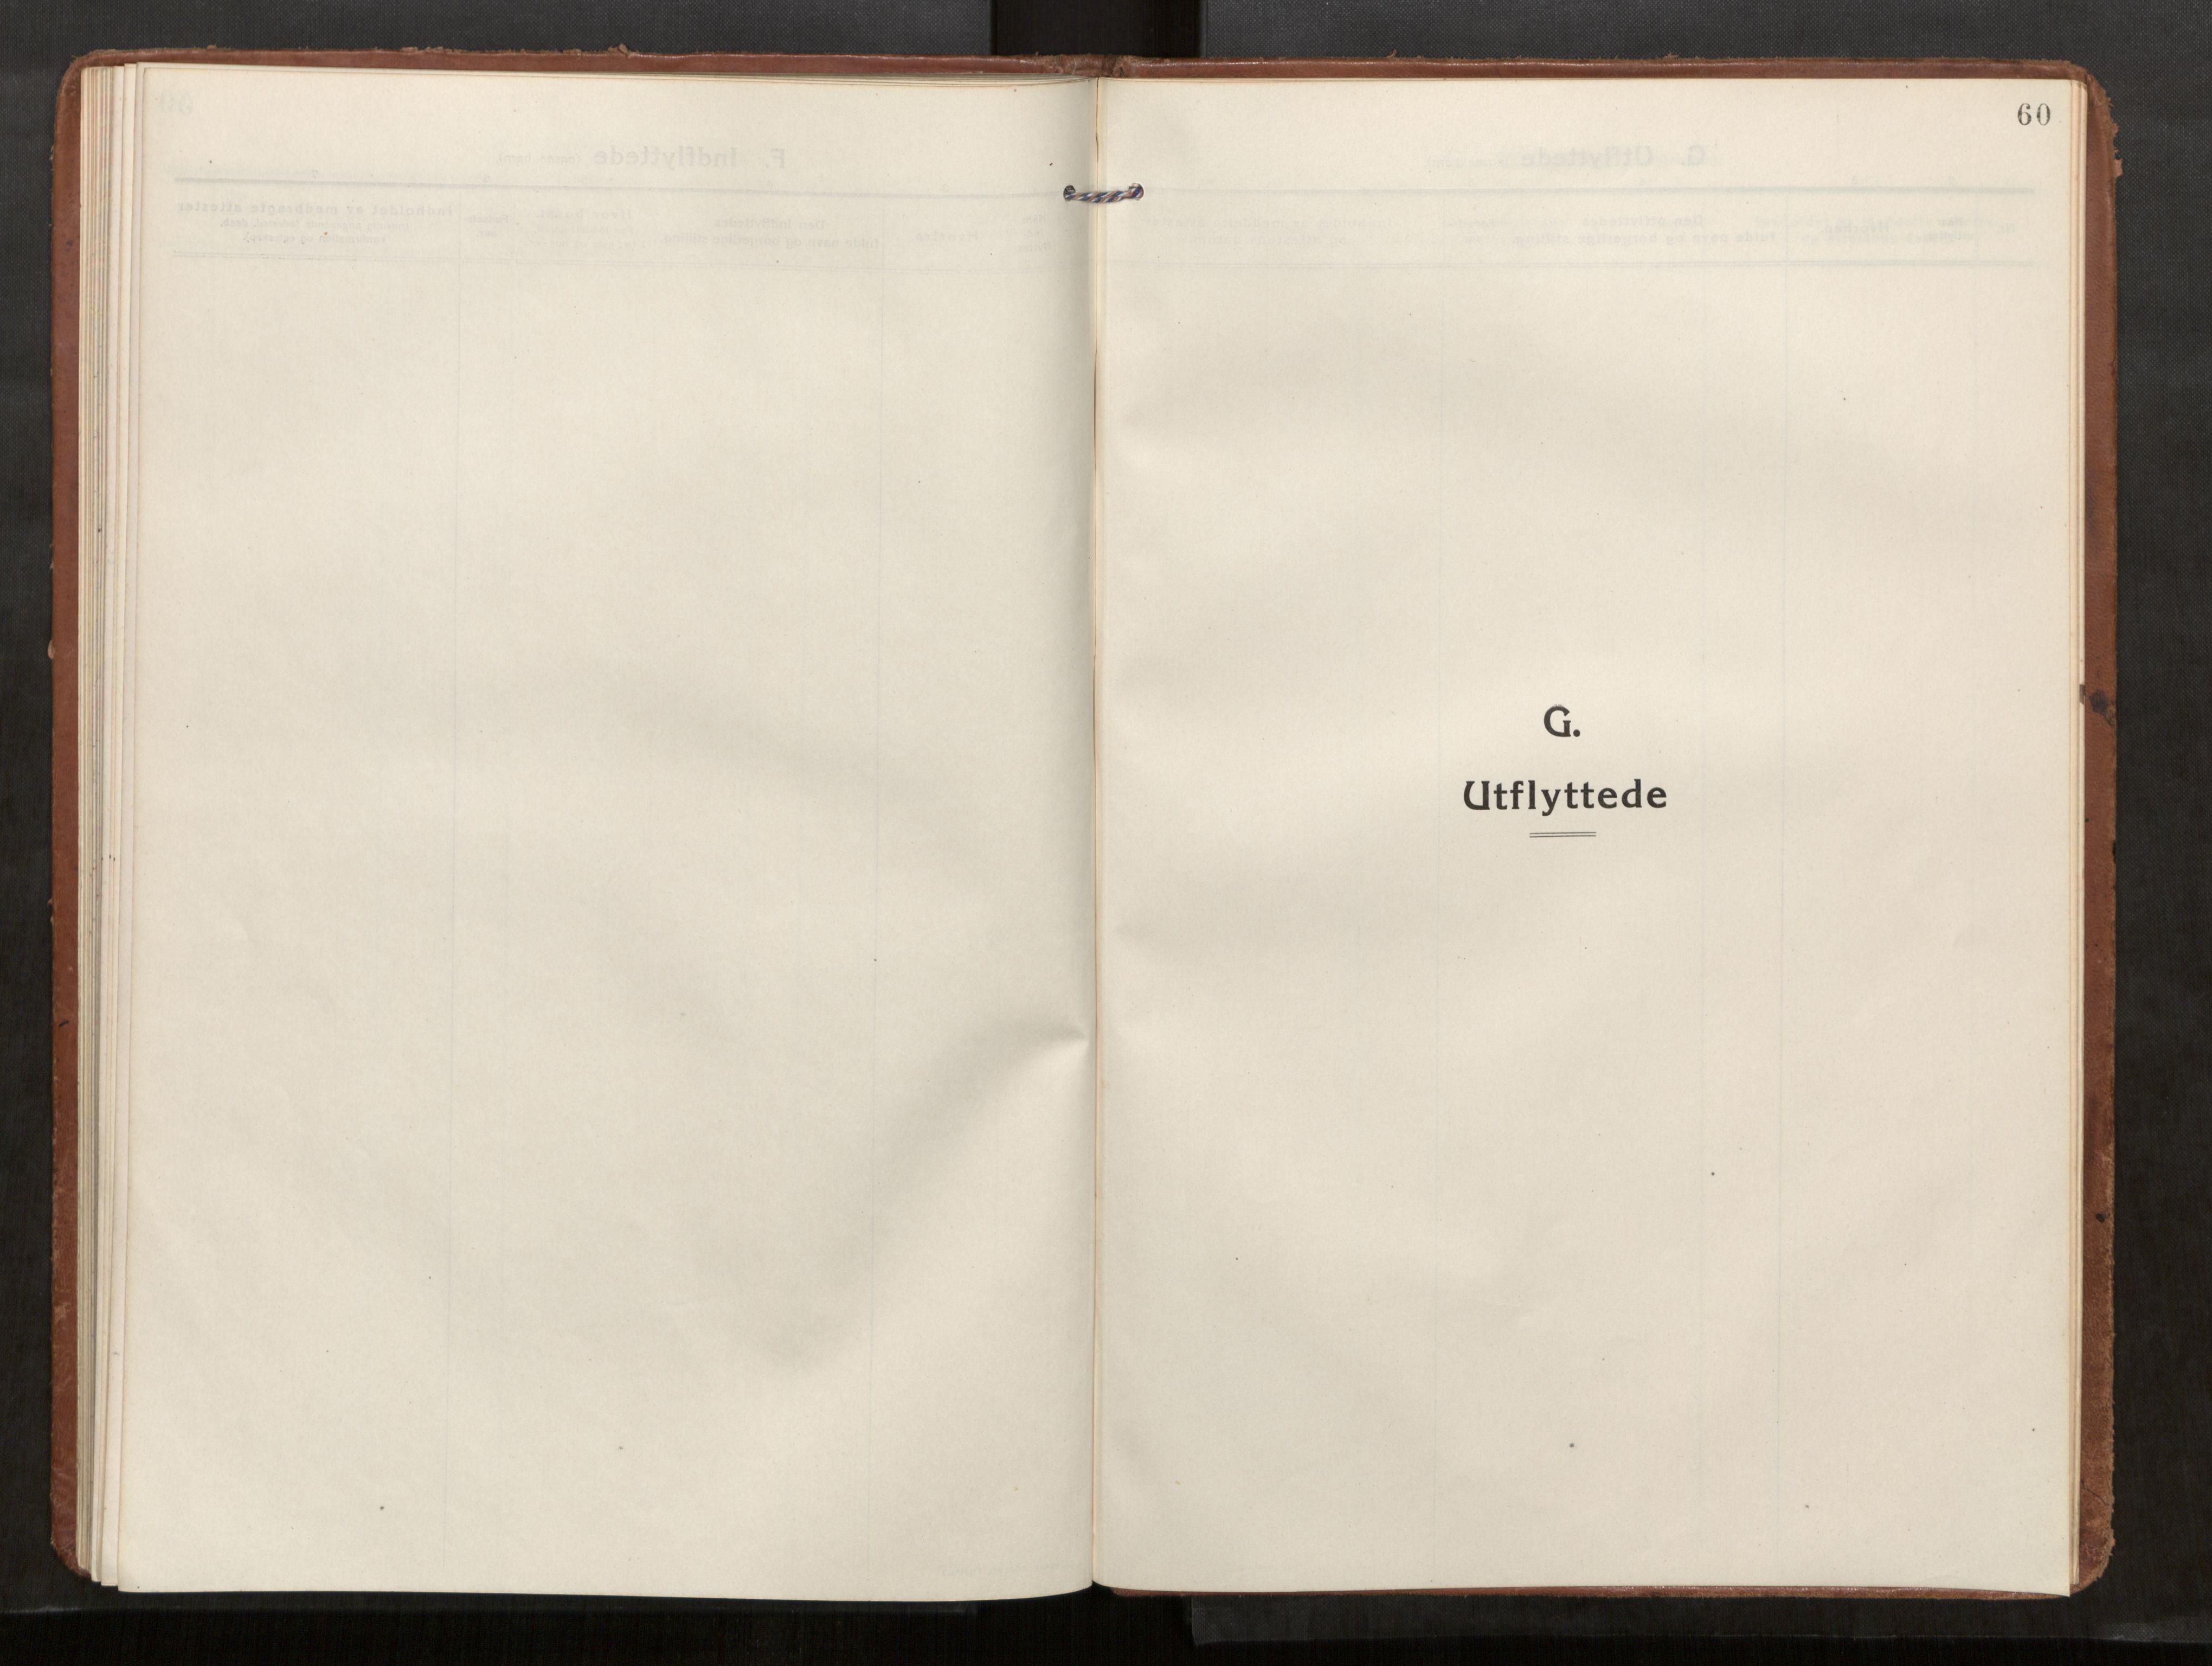 SAT, Kolvereid sokneprestkontor, H/Ha/Haa/L0002: Parish register (official) no. 2, 1914-1926, p. 60